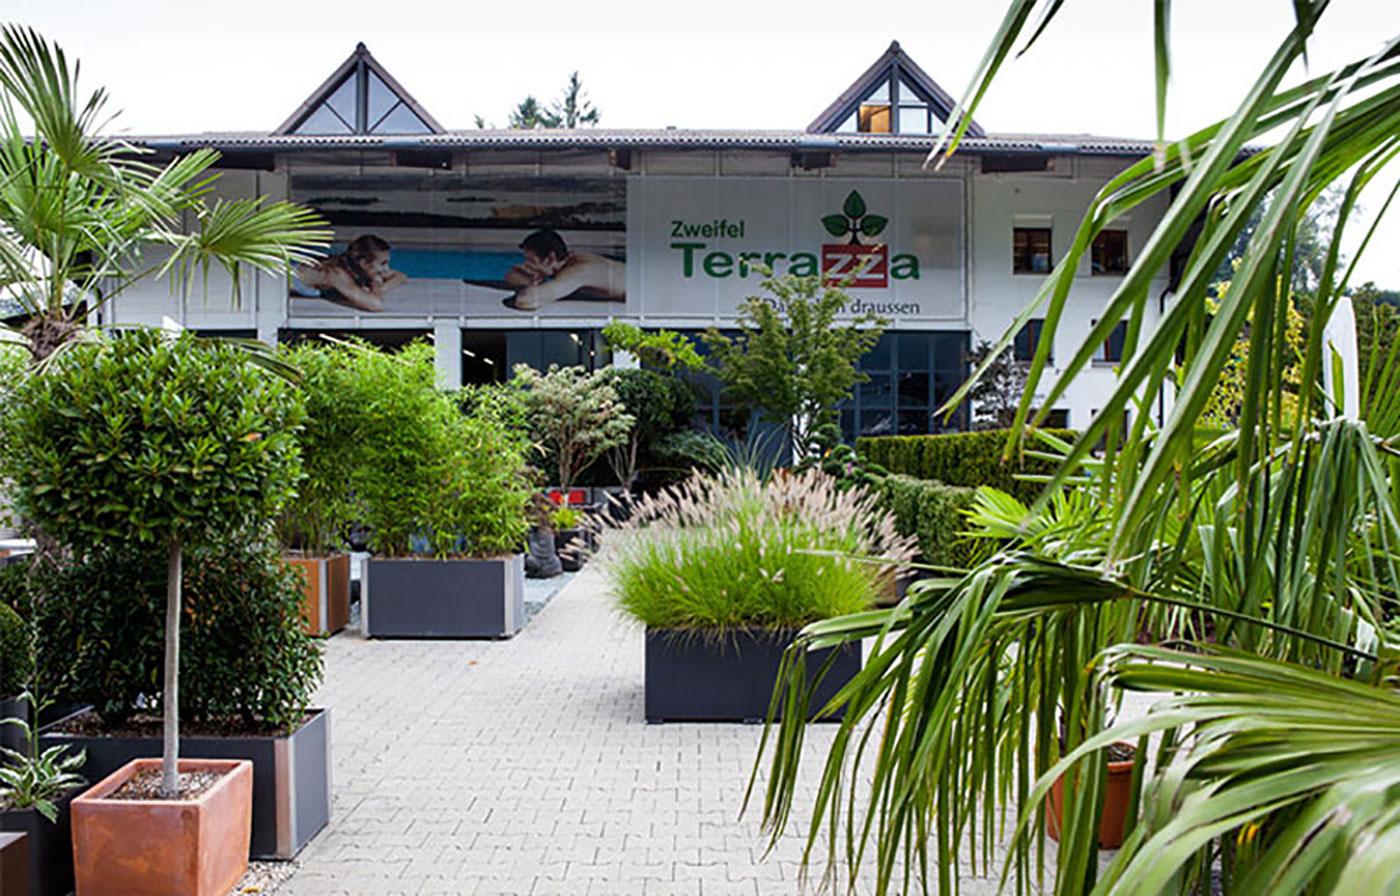 Ihr Spezialist Fur Terrassen Balkone Und Gartensitzplatze